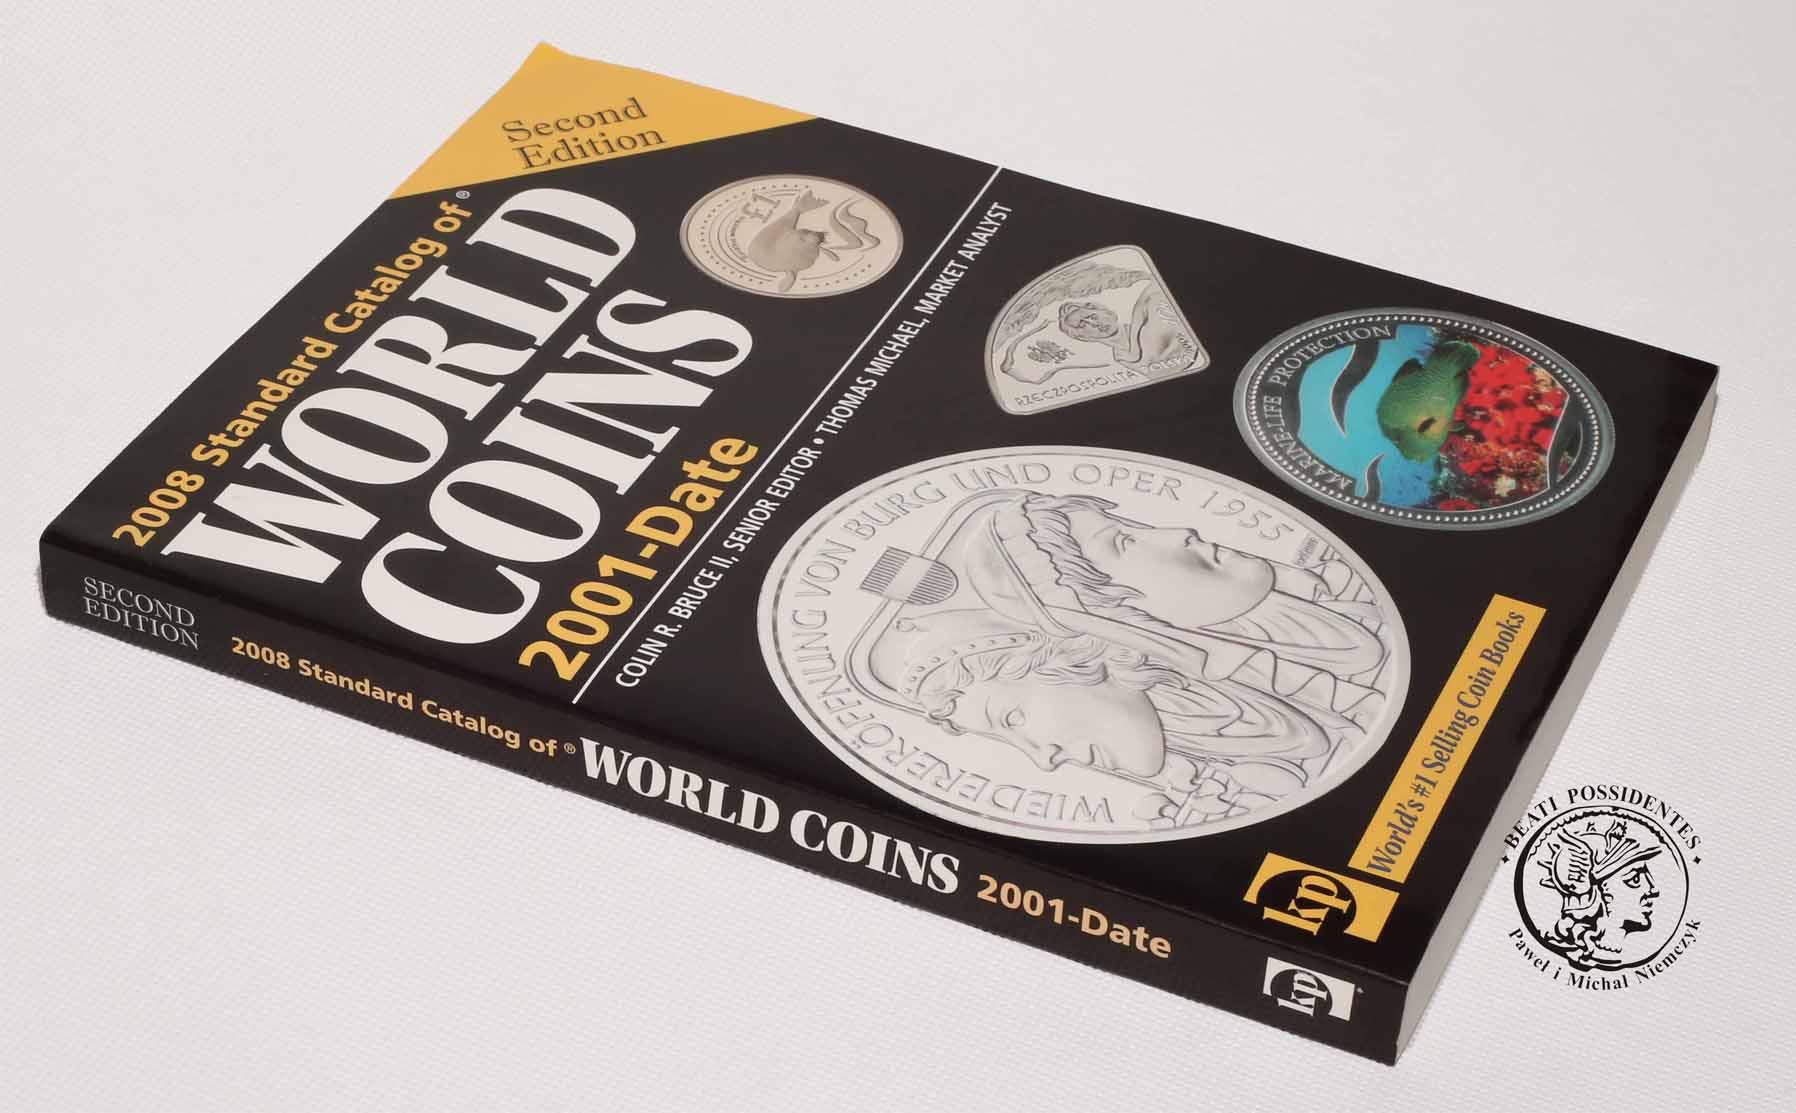 Katalog monet z całego świata - 384 strony! Catalog of World Coins 2001